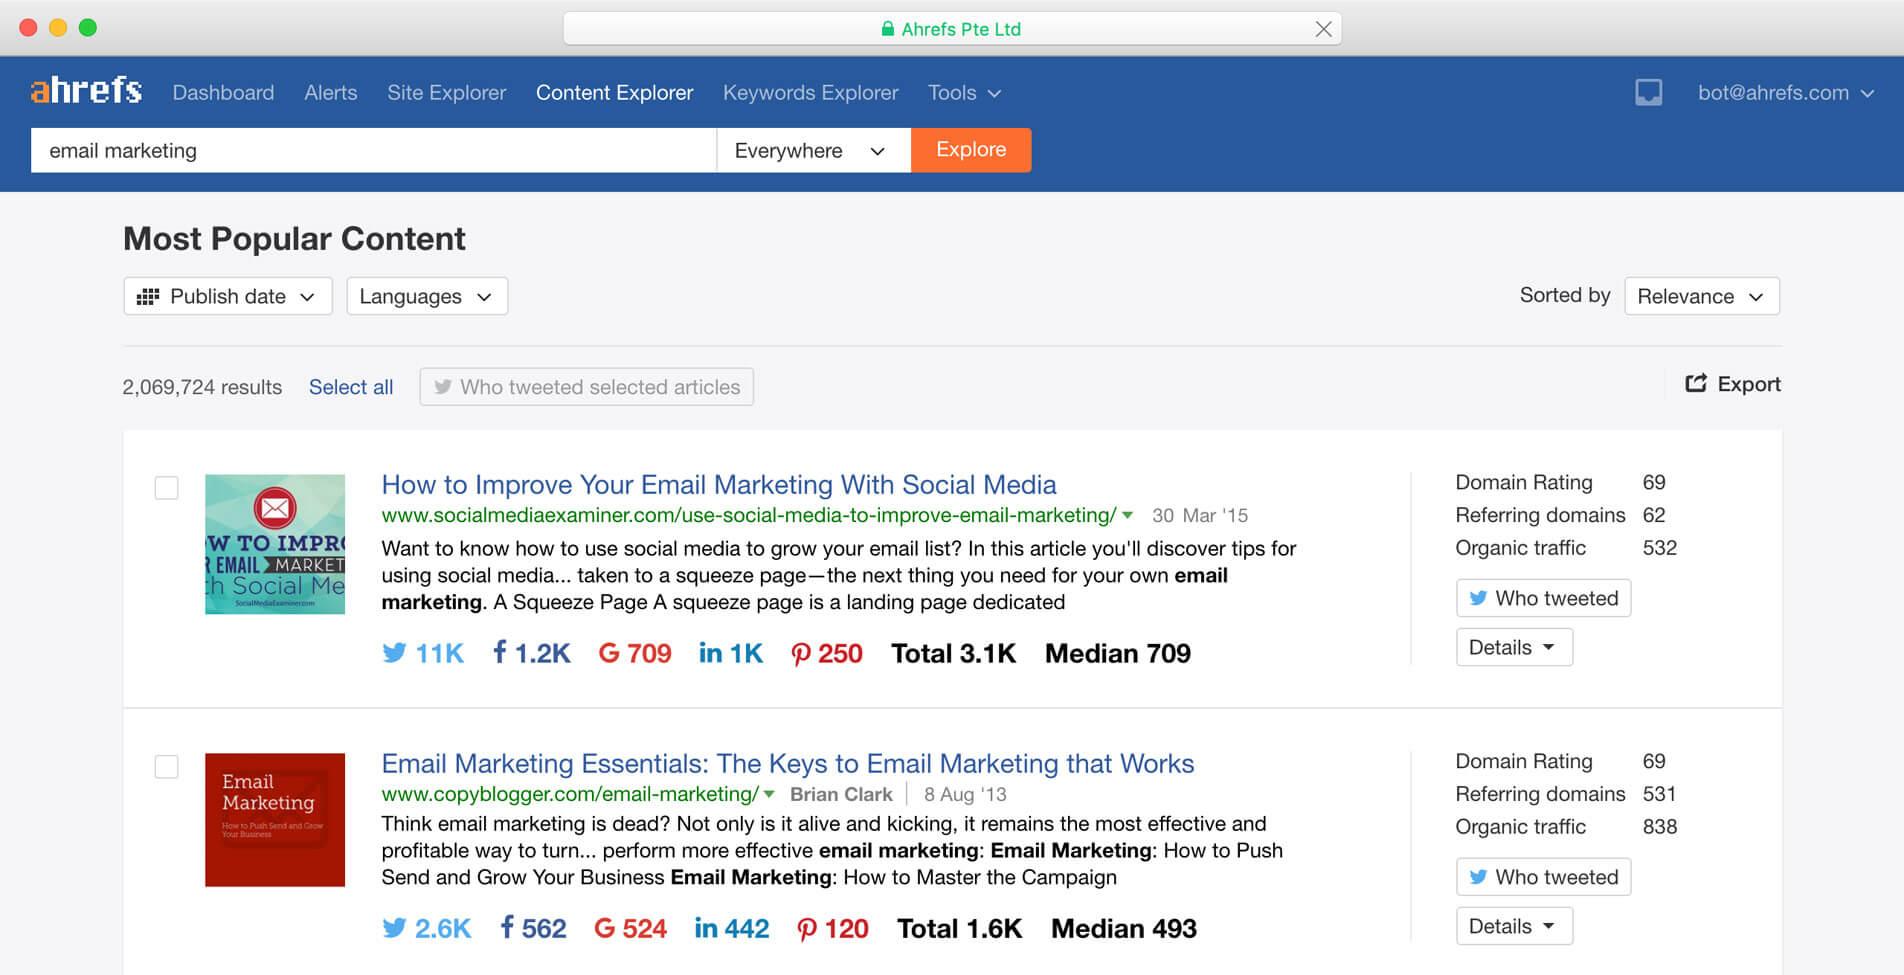 ahrefs email marketing keyword search